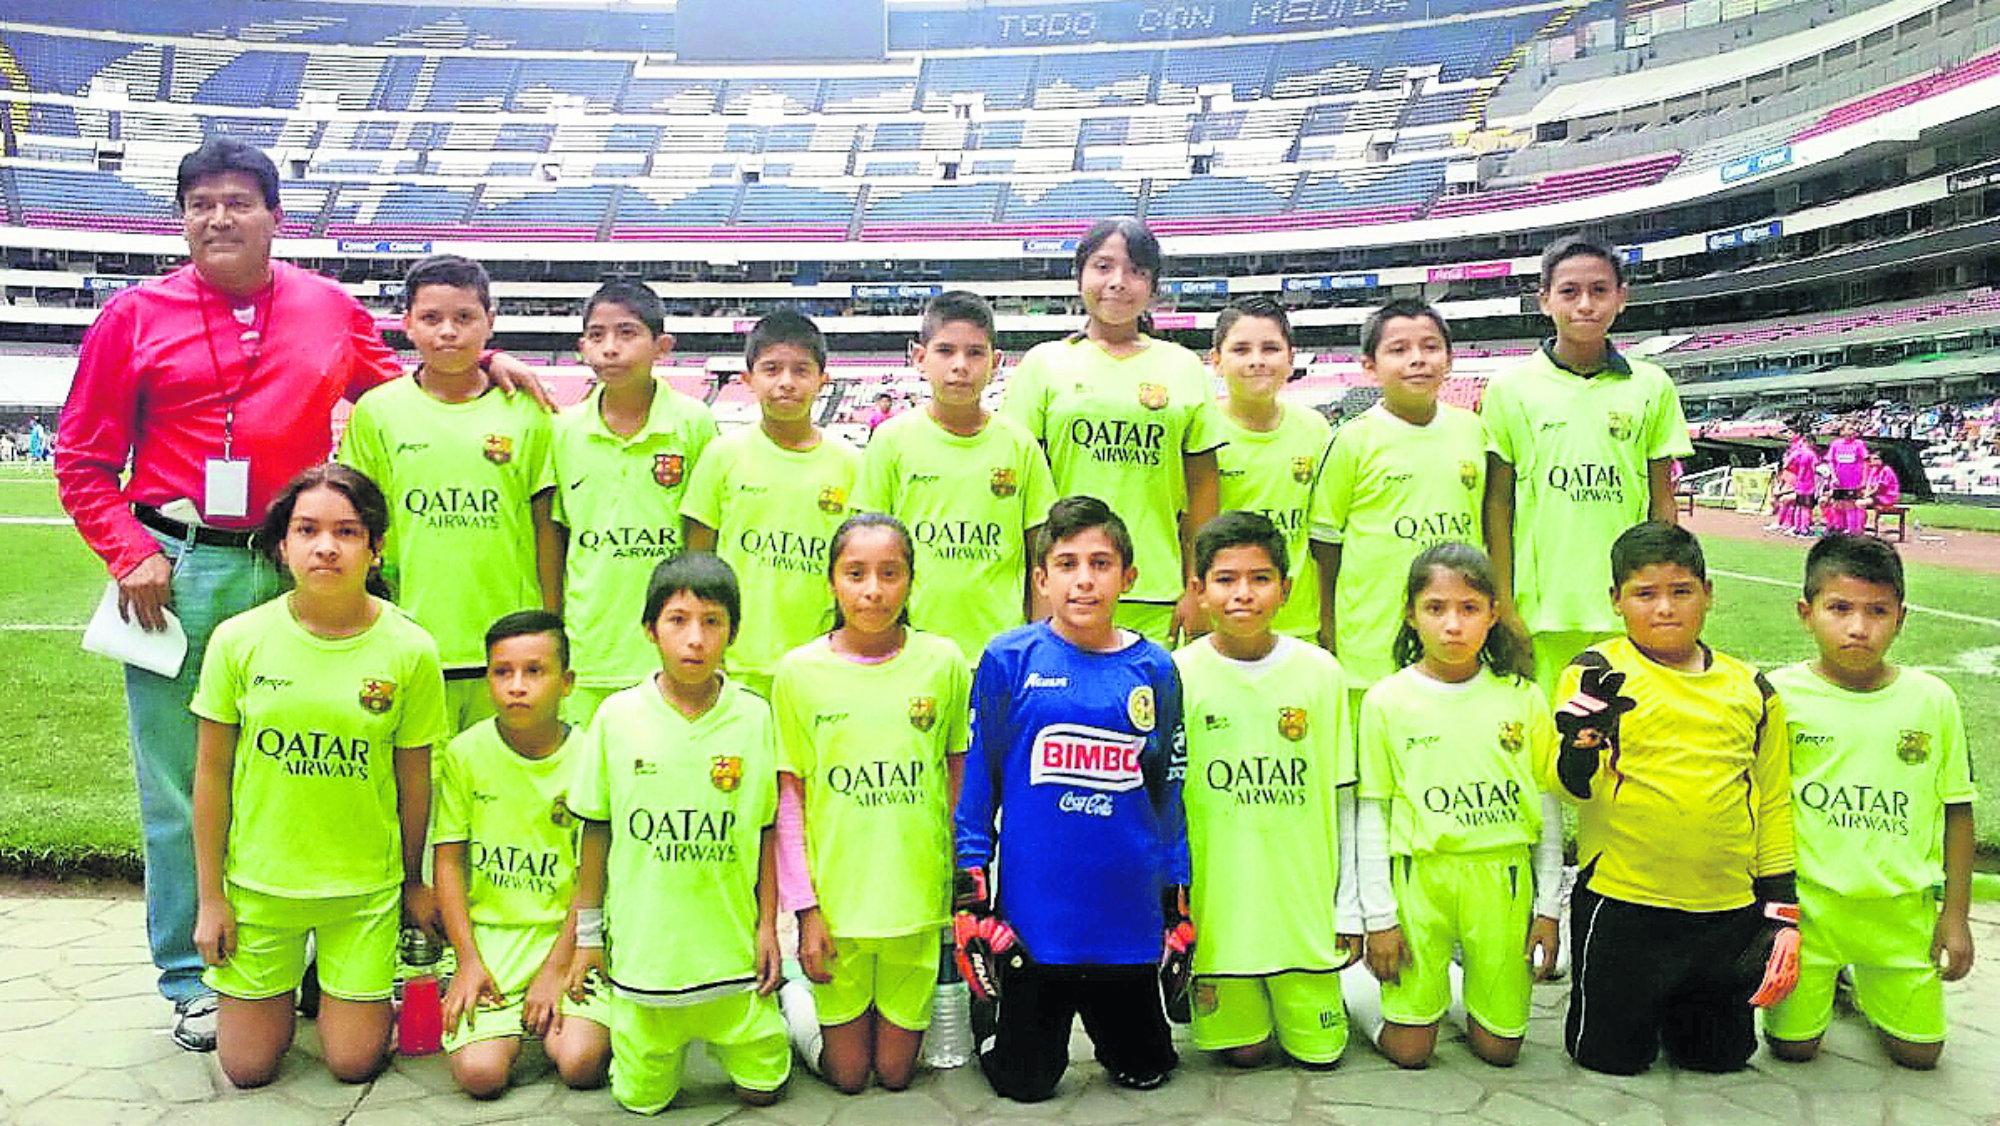 Inter Panteras Fútbol Llanero Morelos